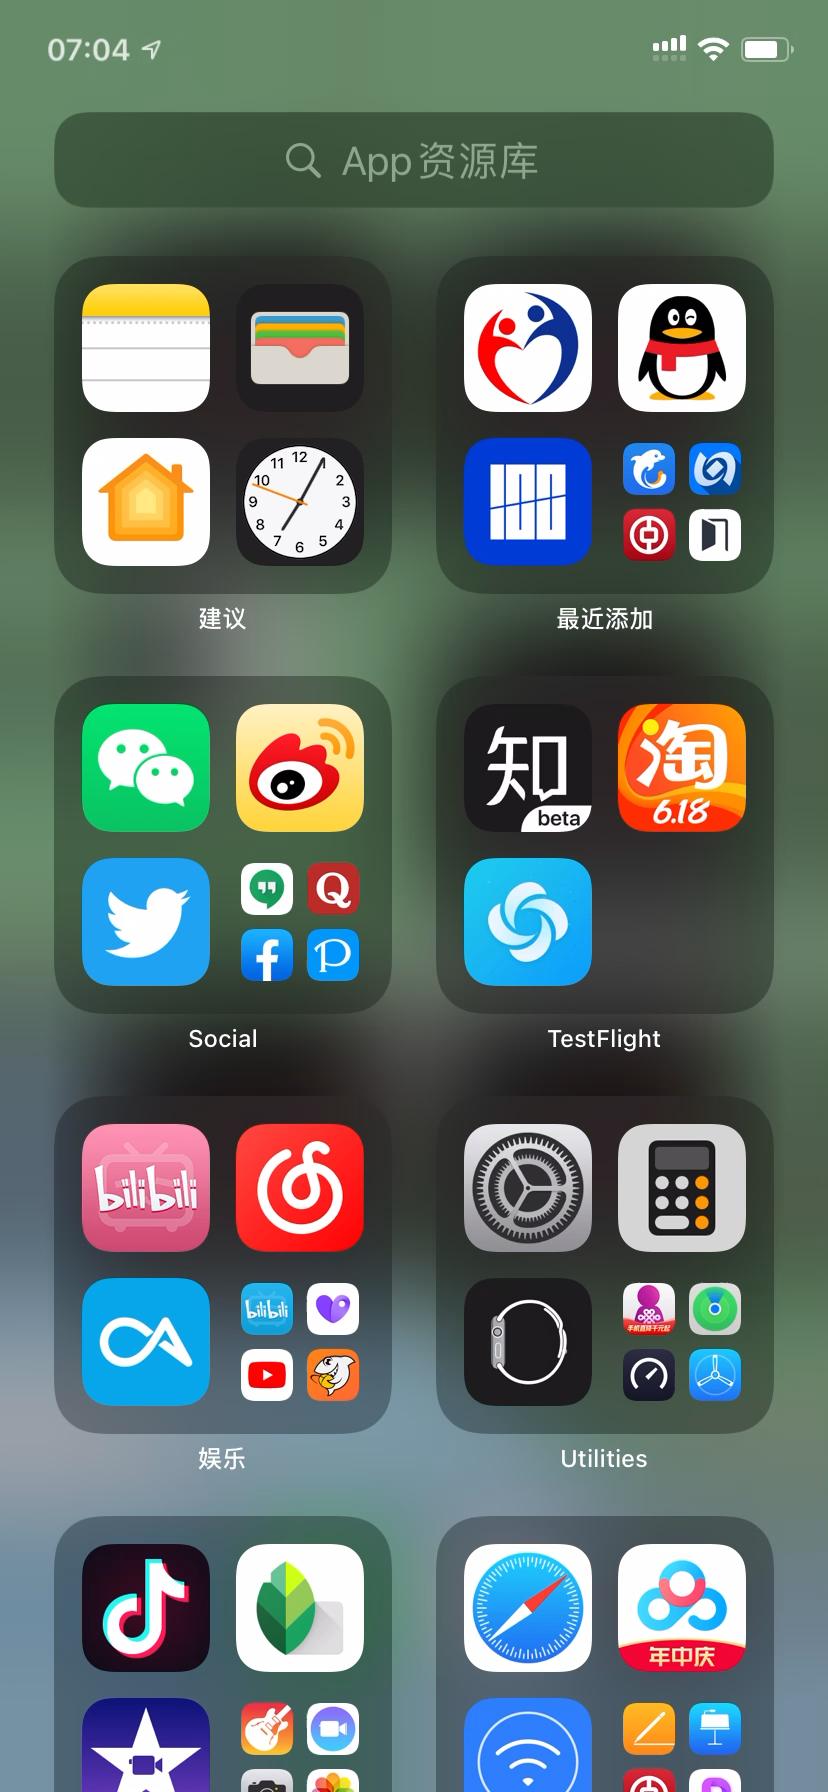 ios定位图标_如何评价 iOS 14? - 知乎